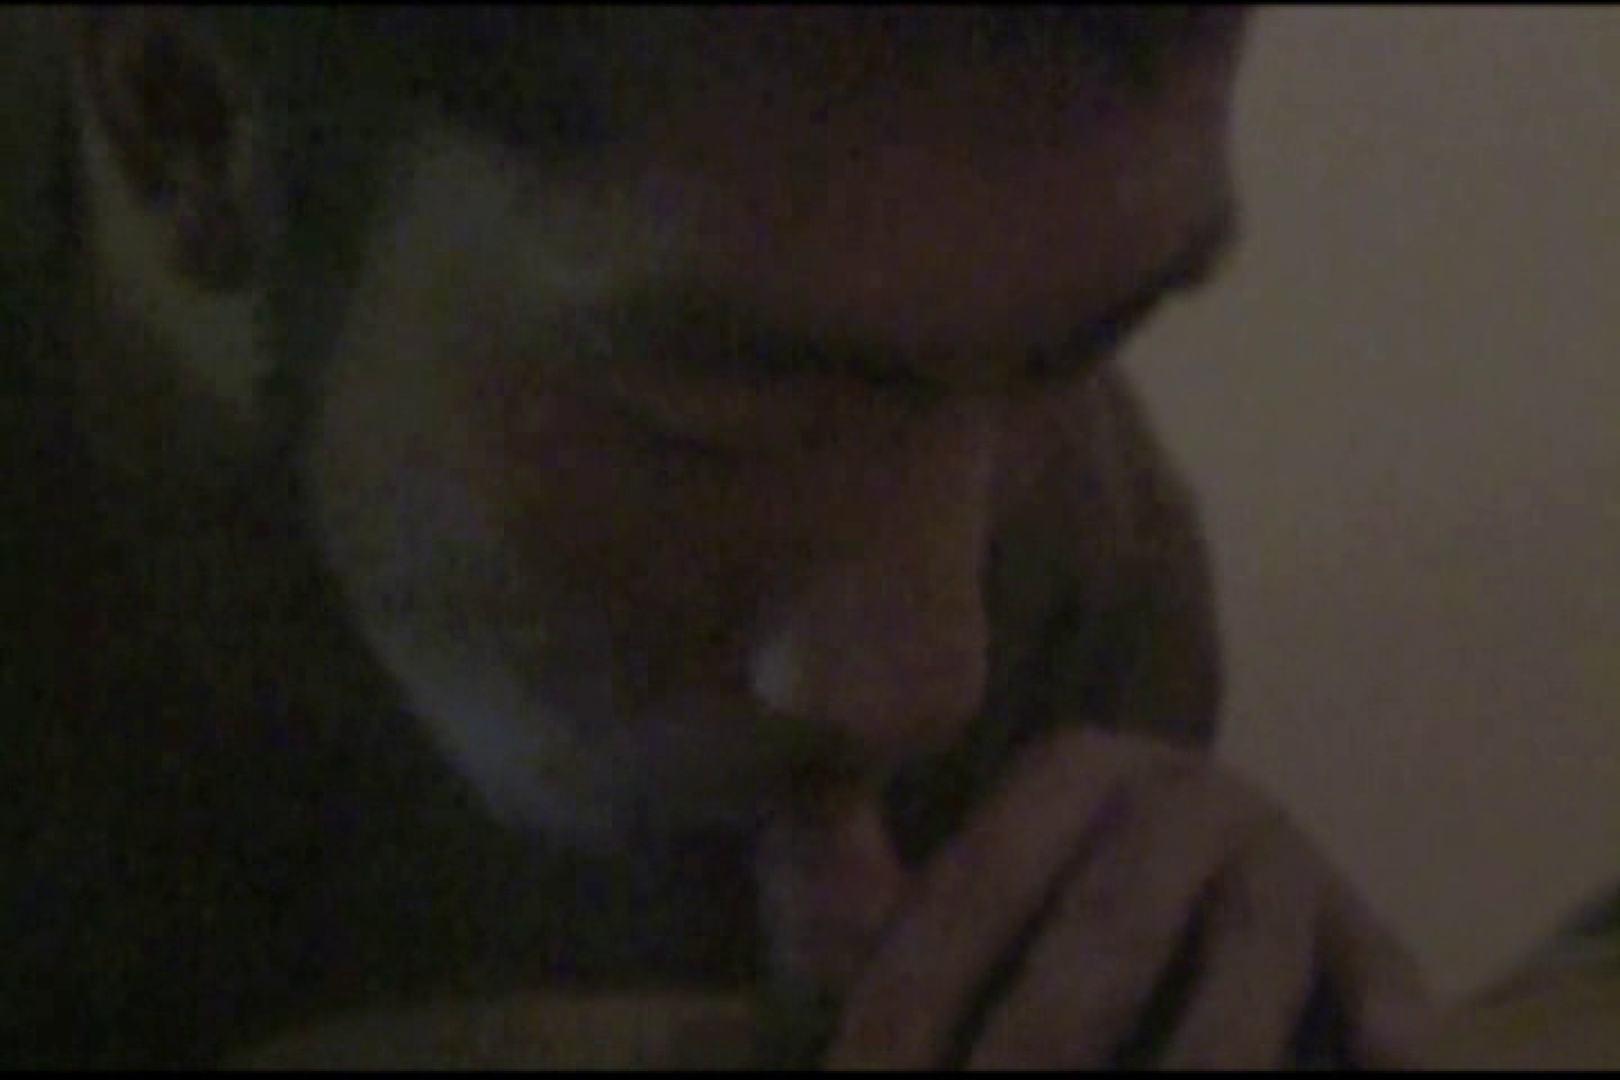 ドッきり悪戯に失敗した男の末路 前編 フェラDE絶頂 | スジ筋系ボーイズ  107pic 8